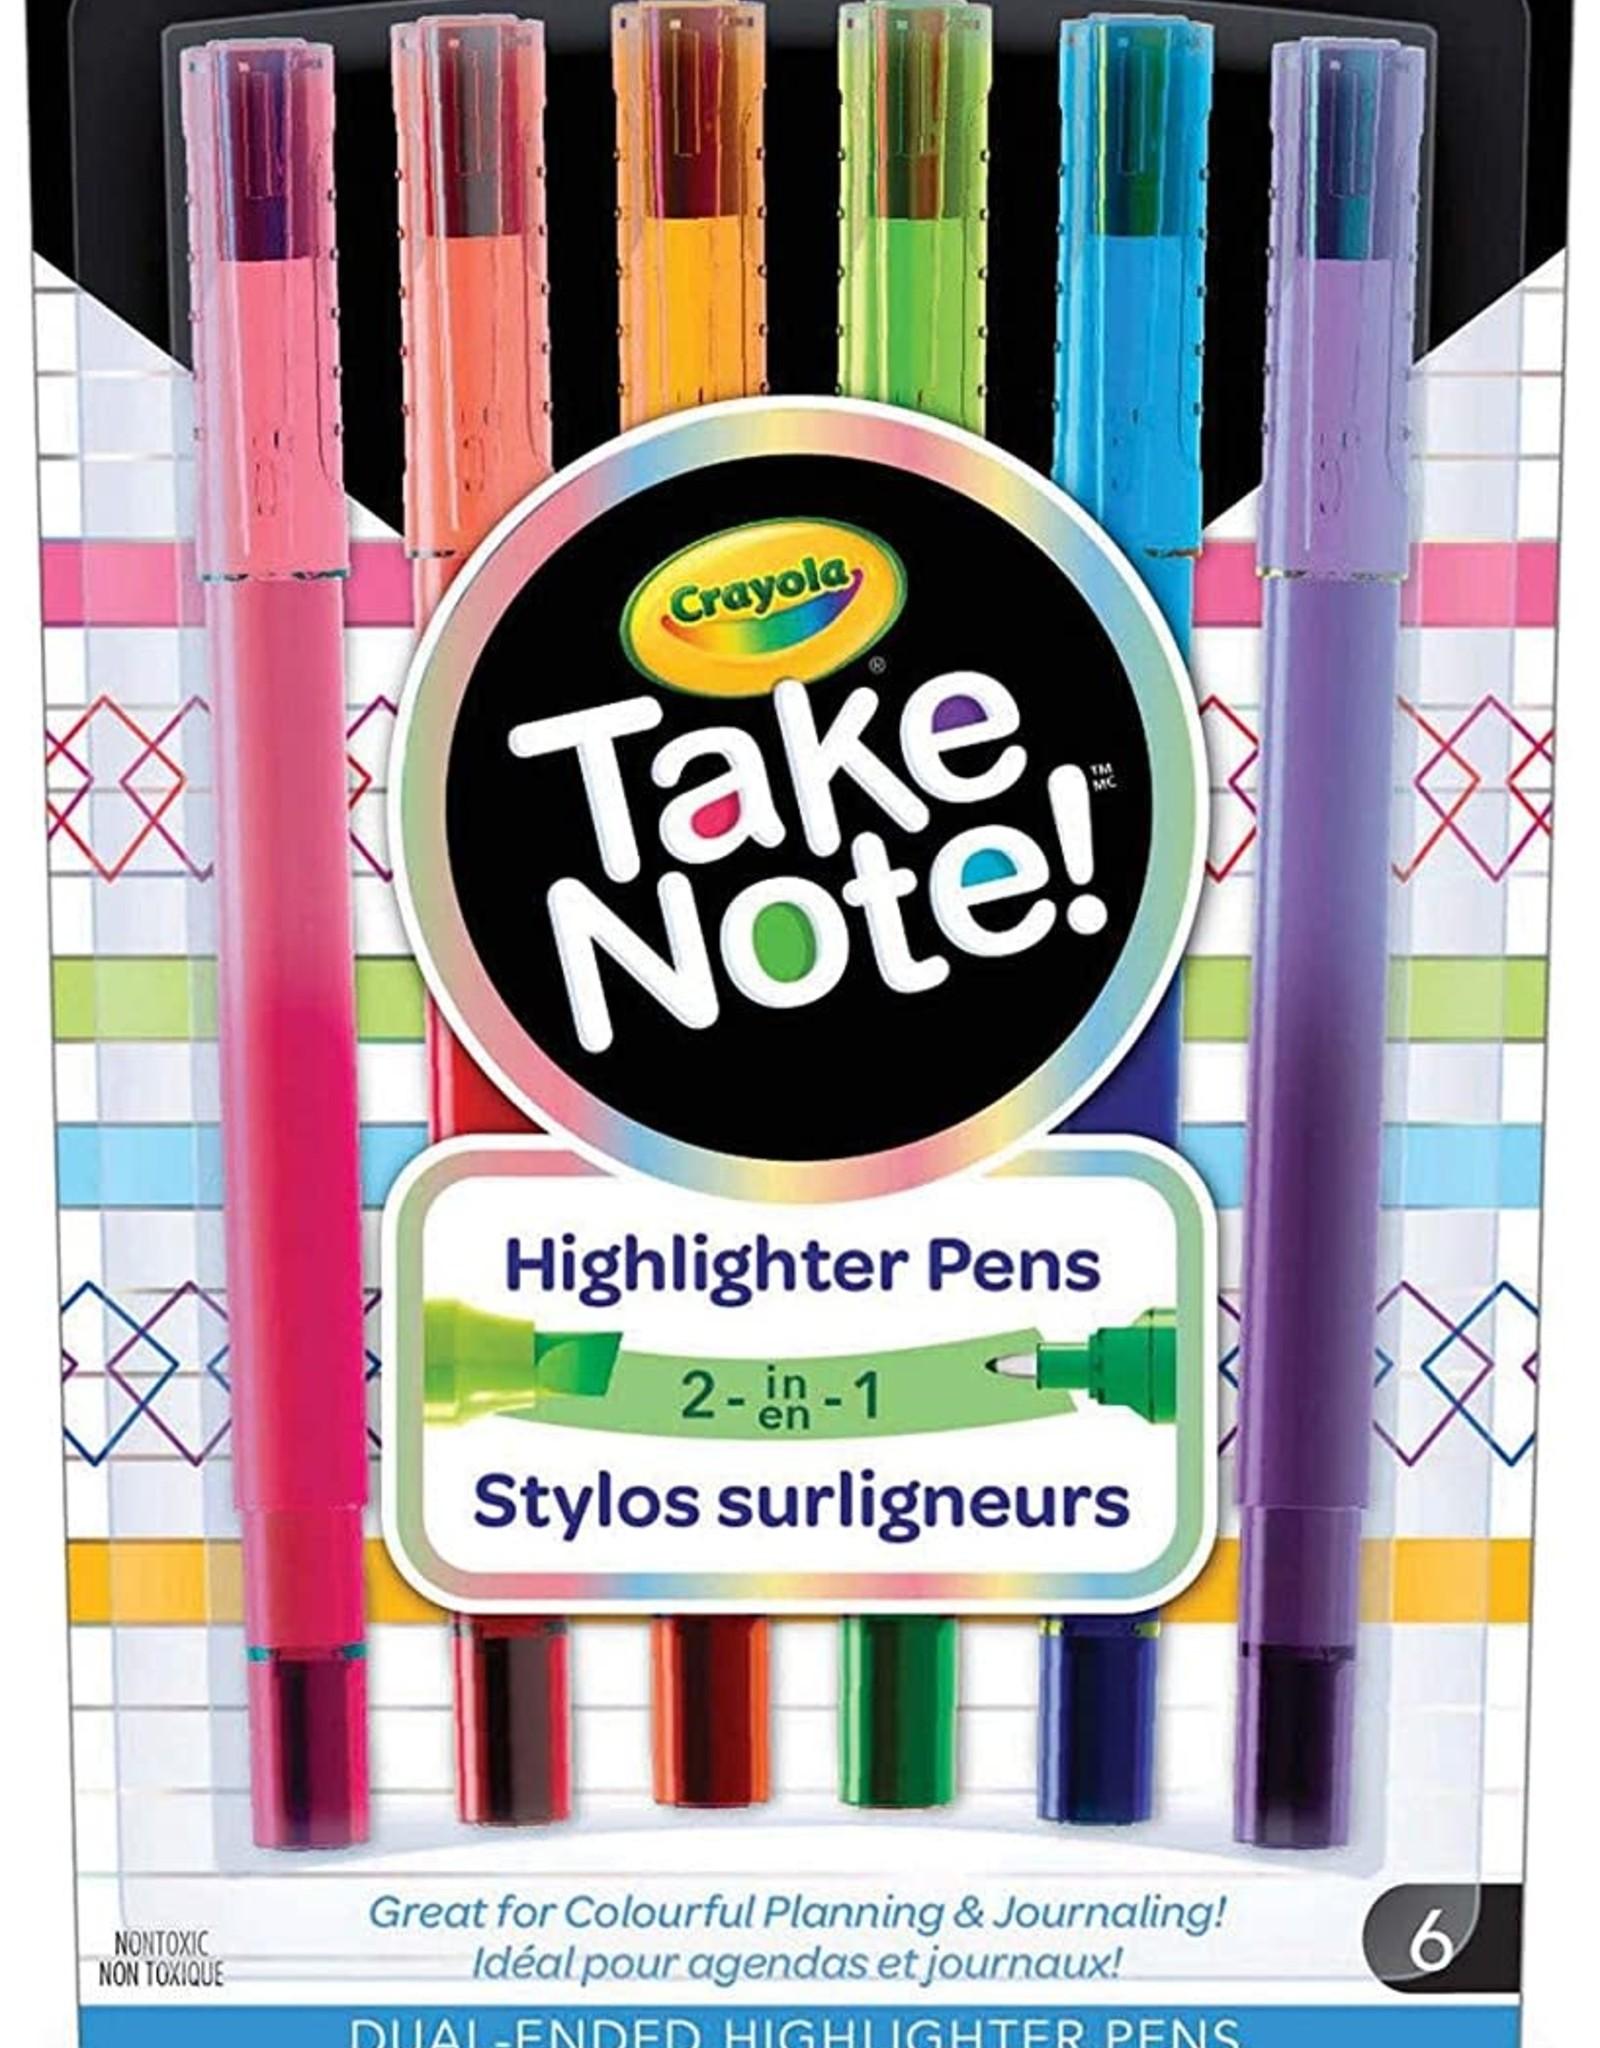 Crayola Crayola Take Note Highlighter Pens